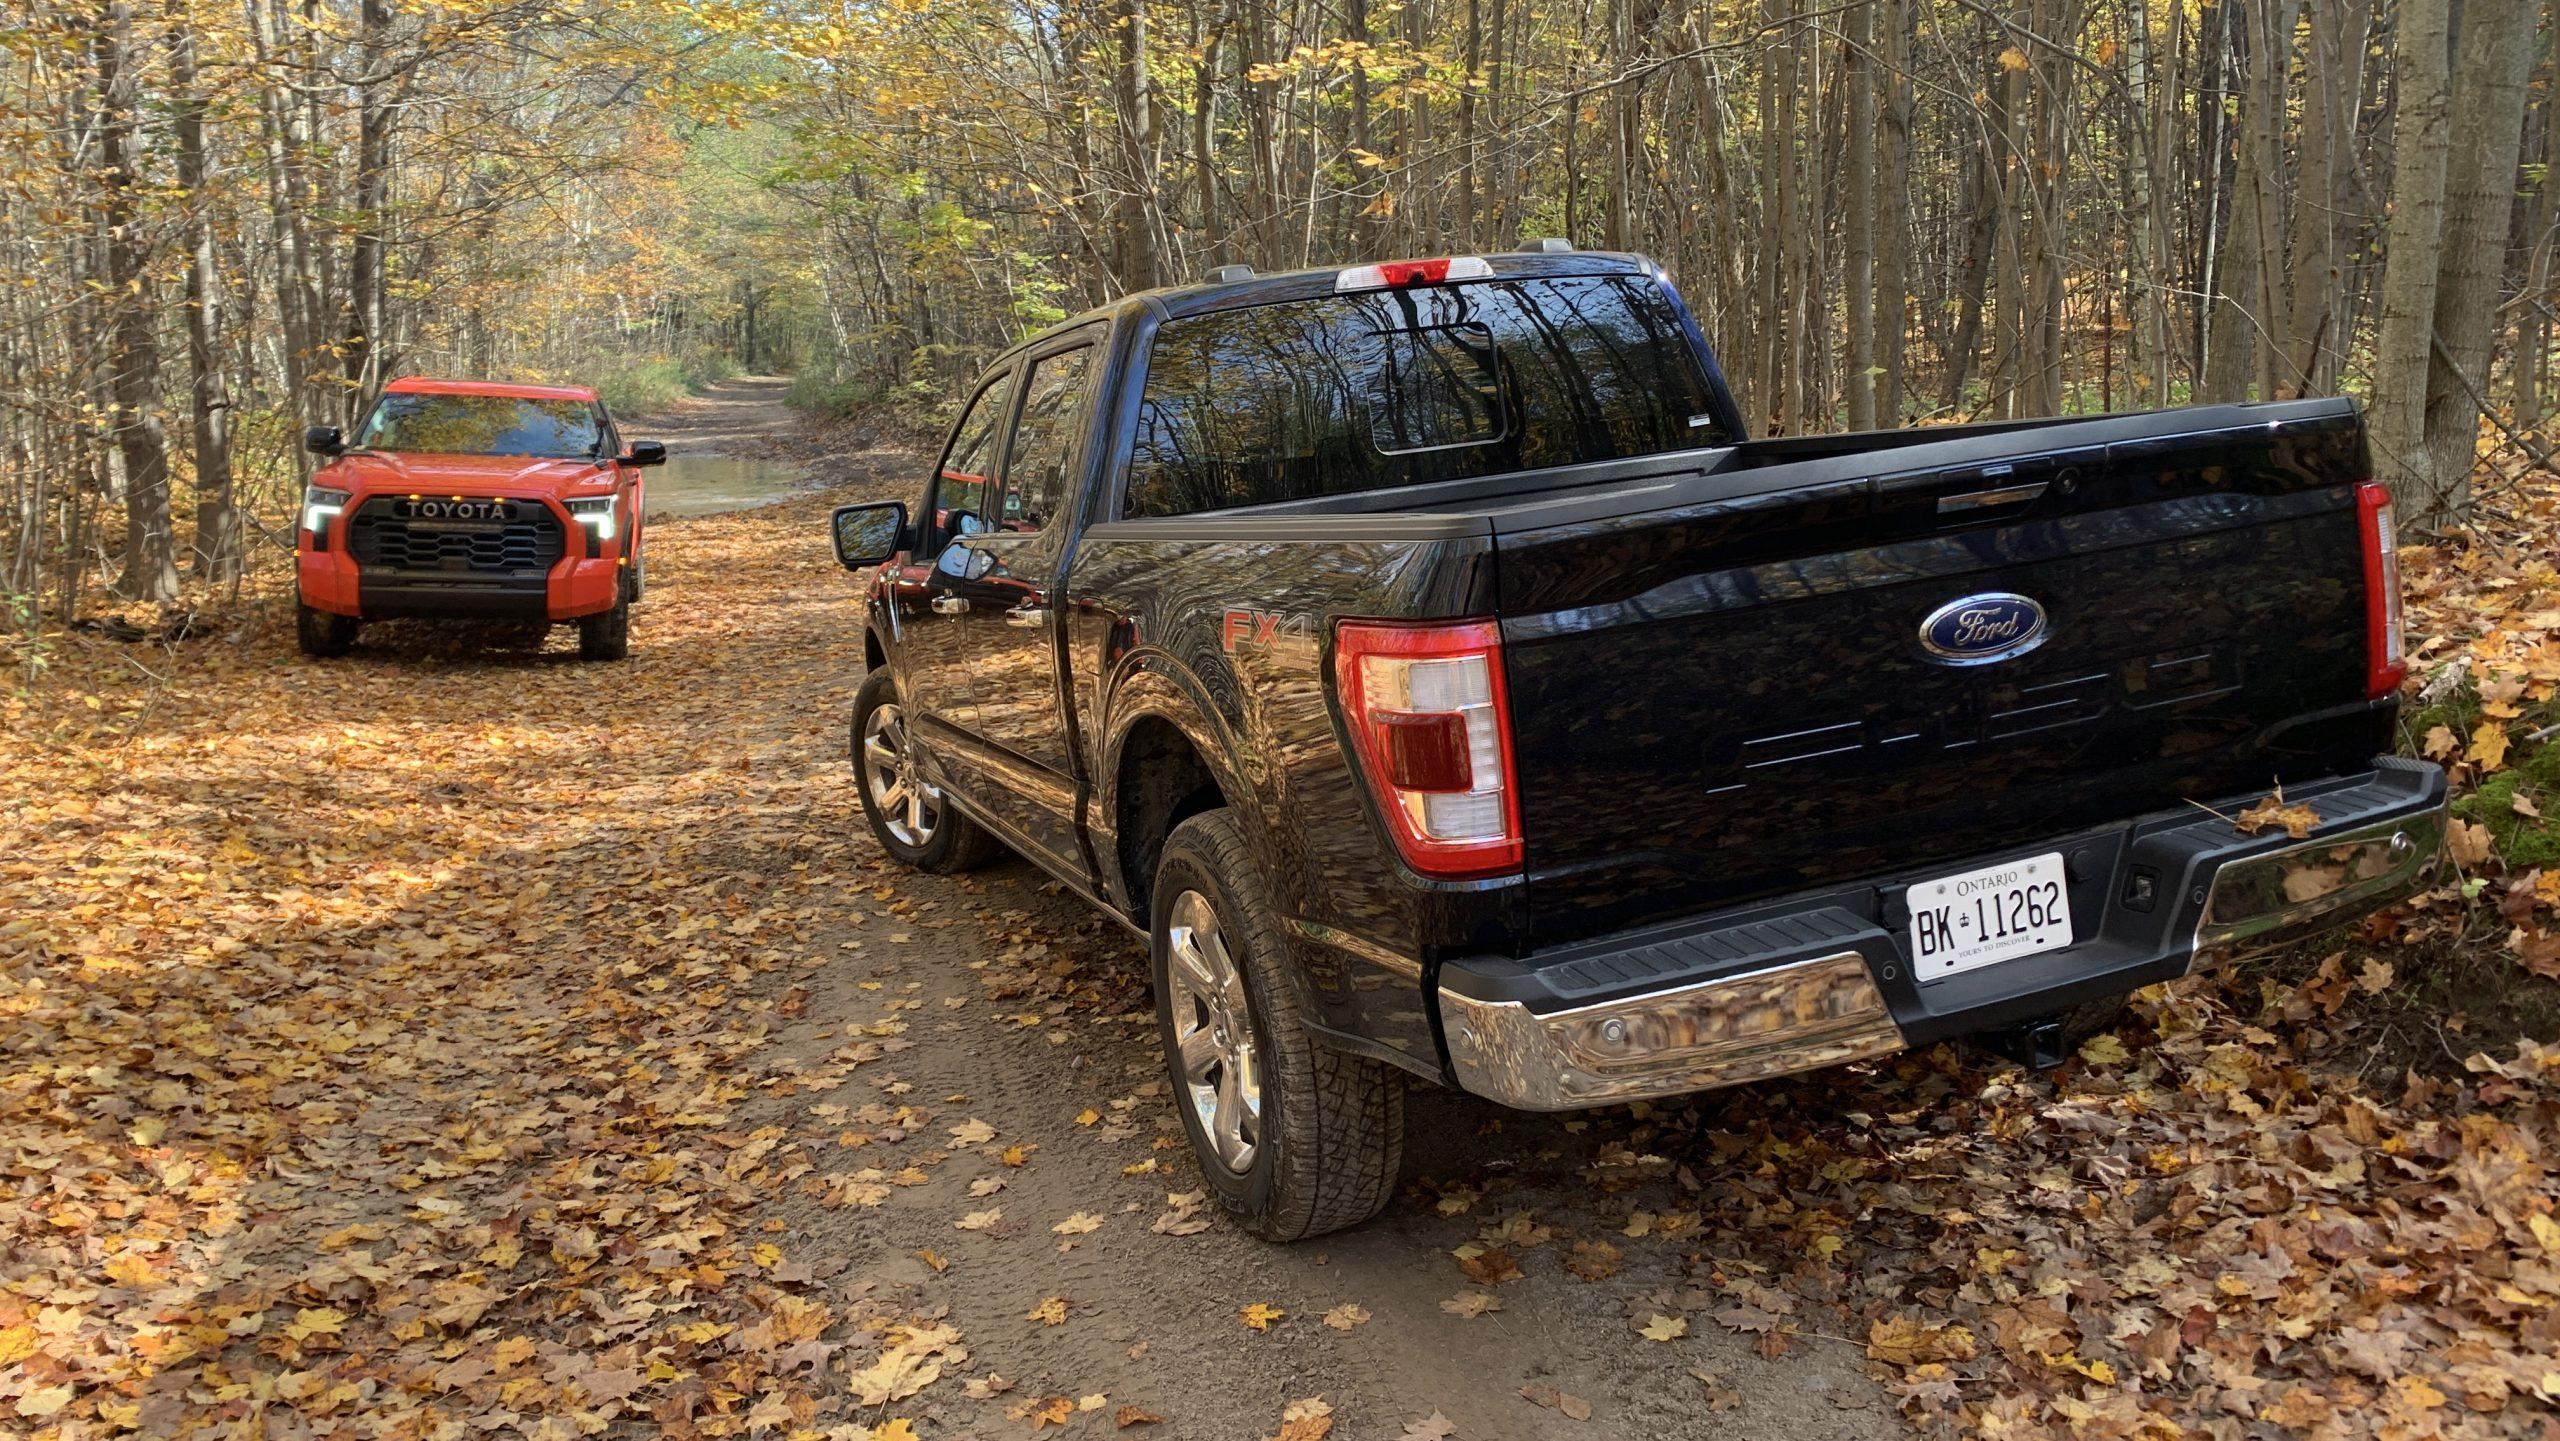 2022 Toyota Tundra vs Ford F150 hybrid